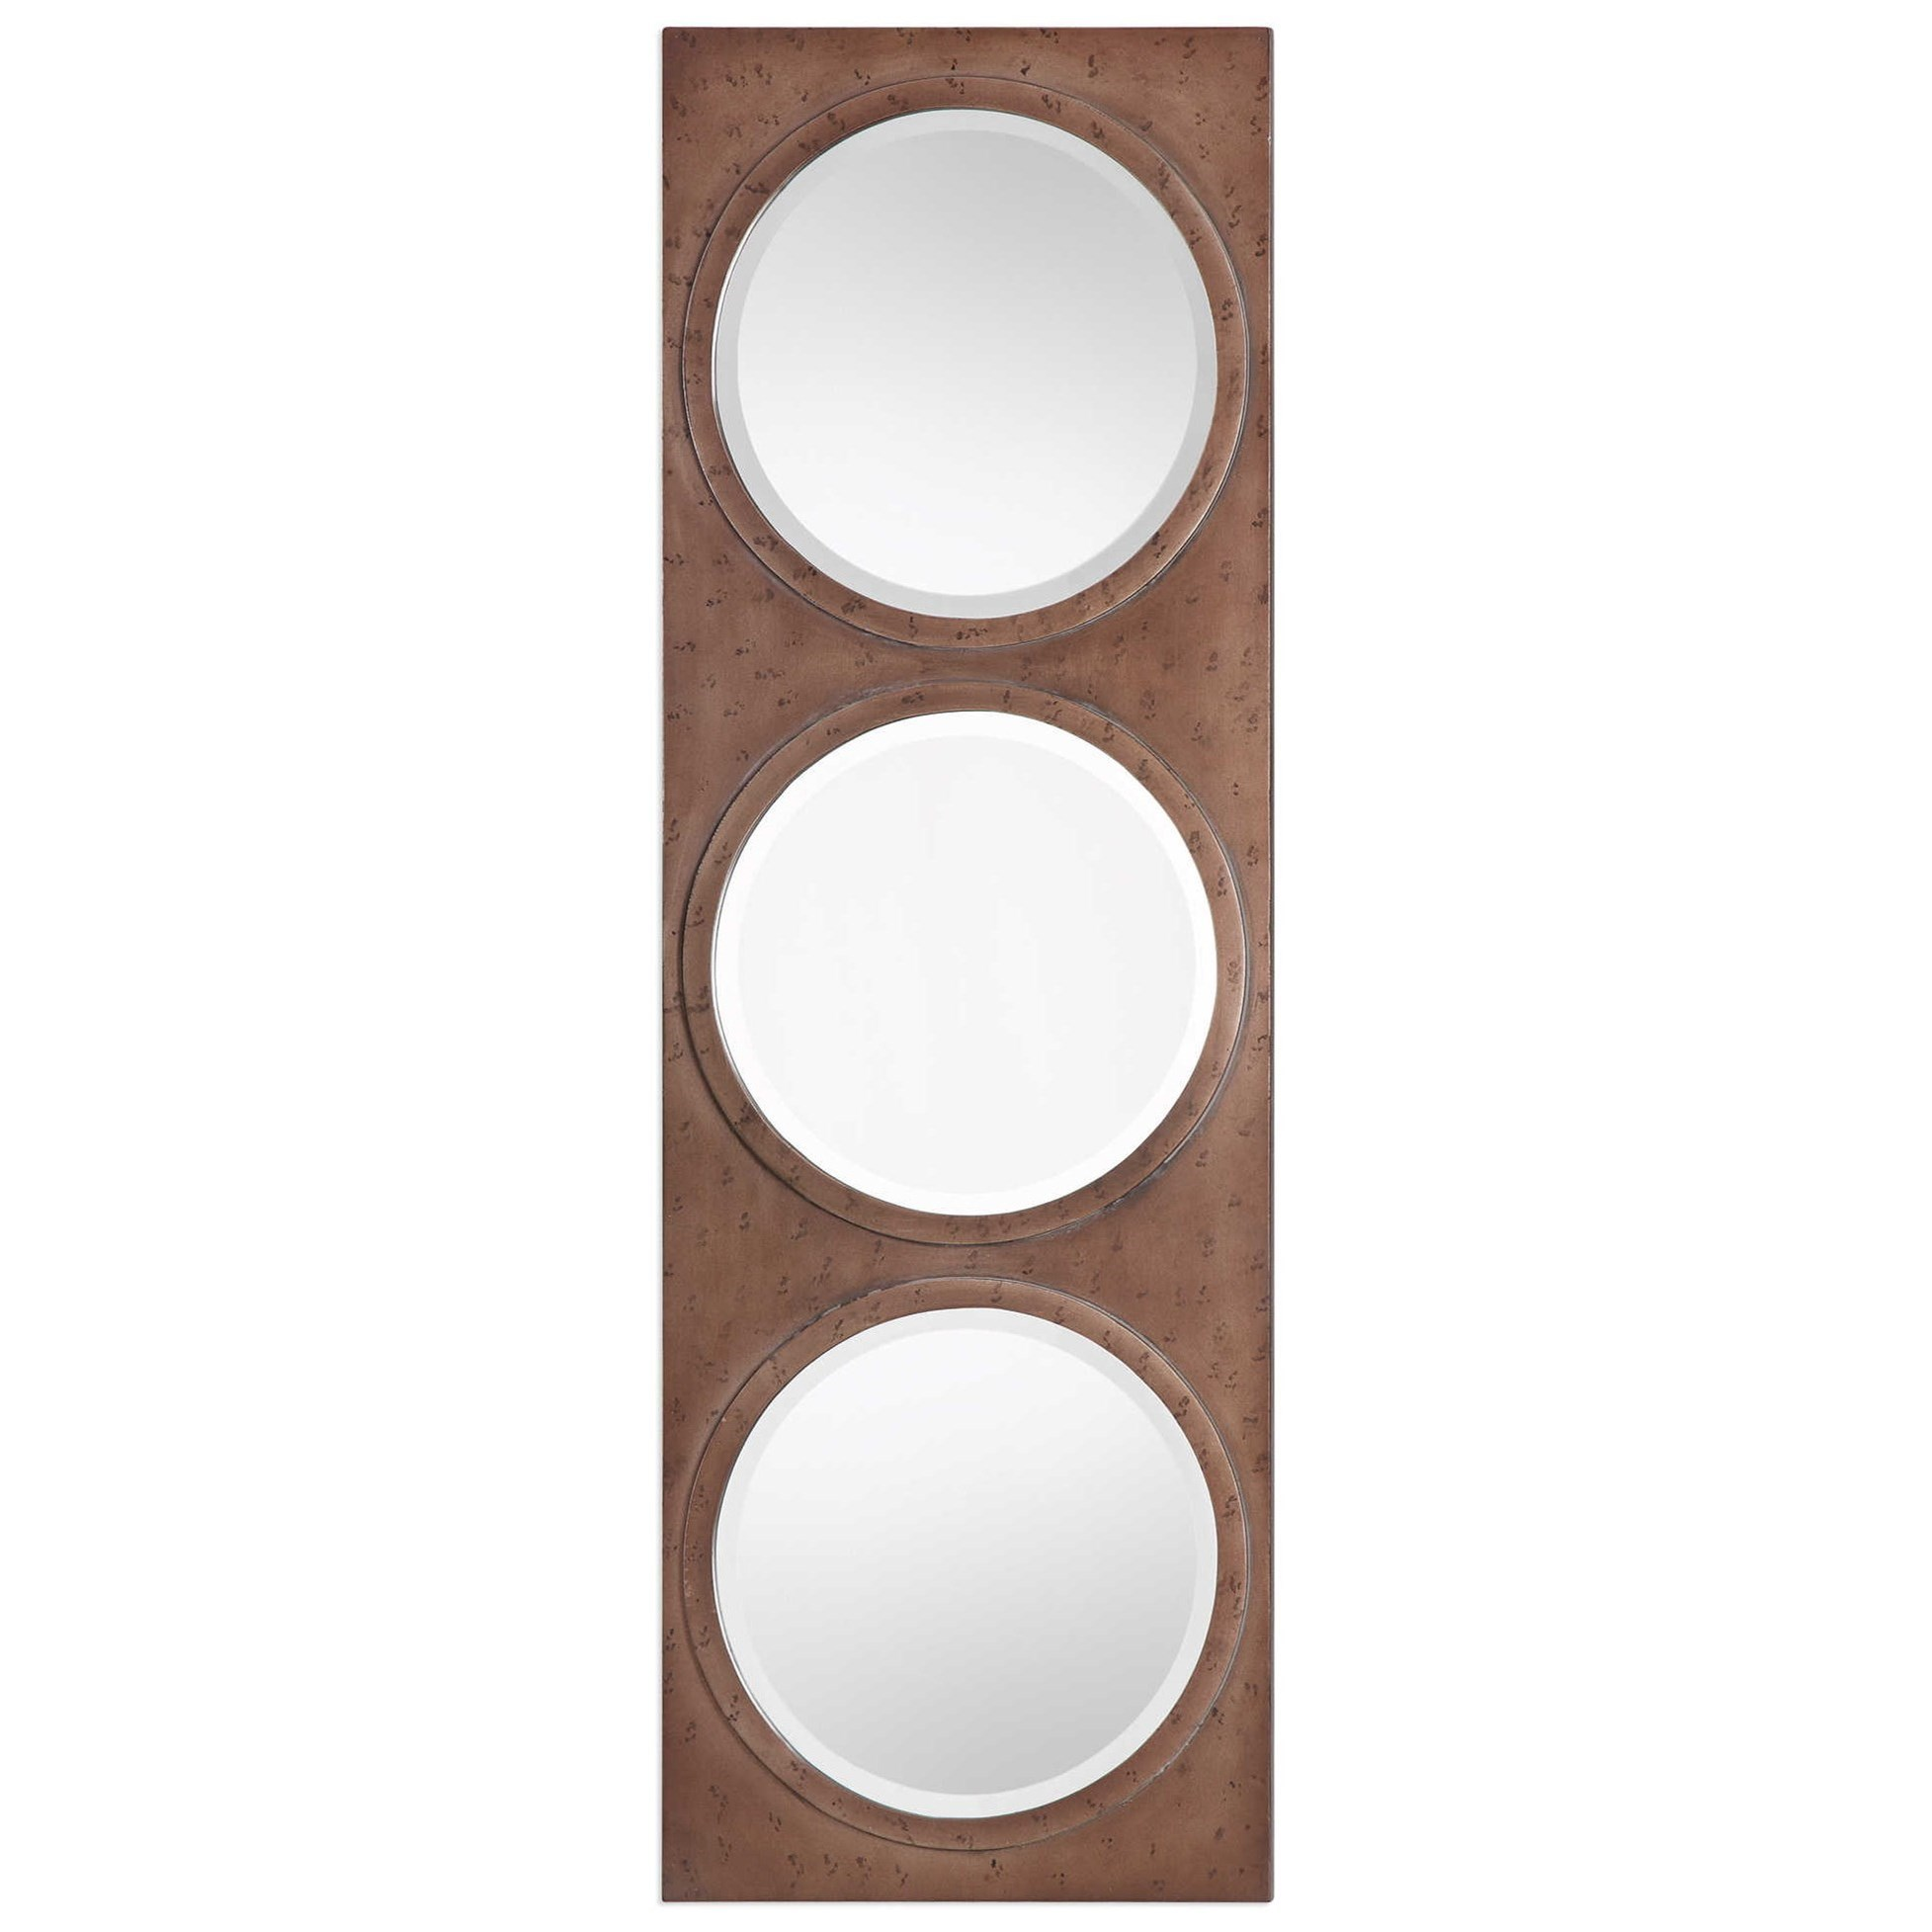 Uttermost MirrorsArtelli Triple Round Mirror ...